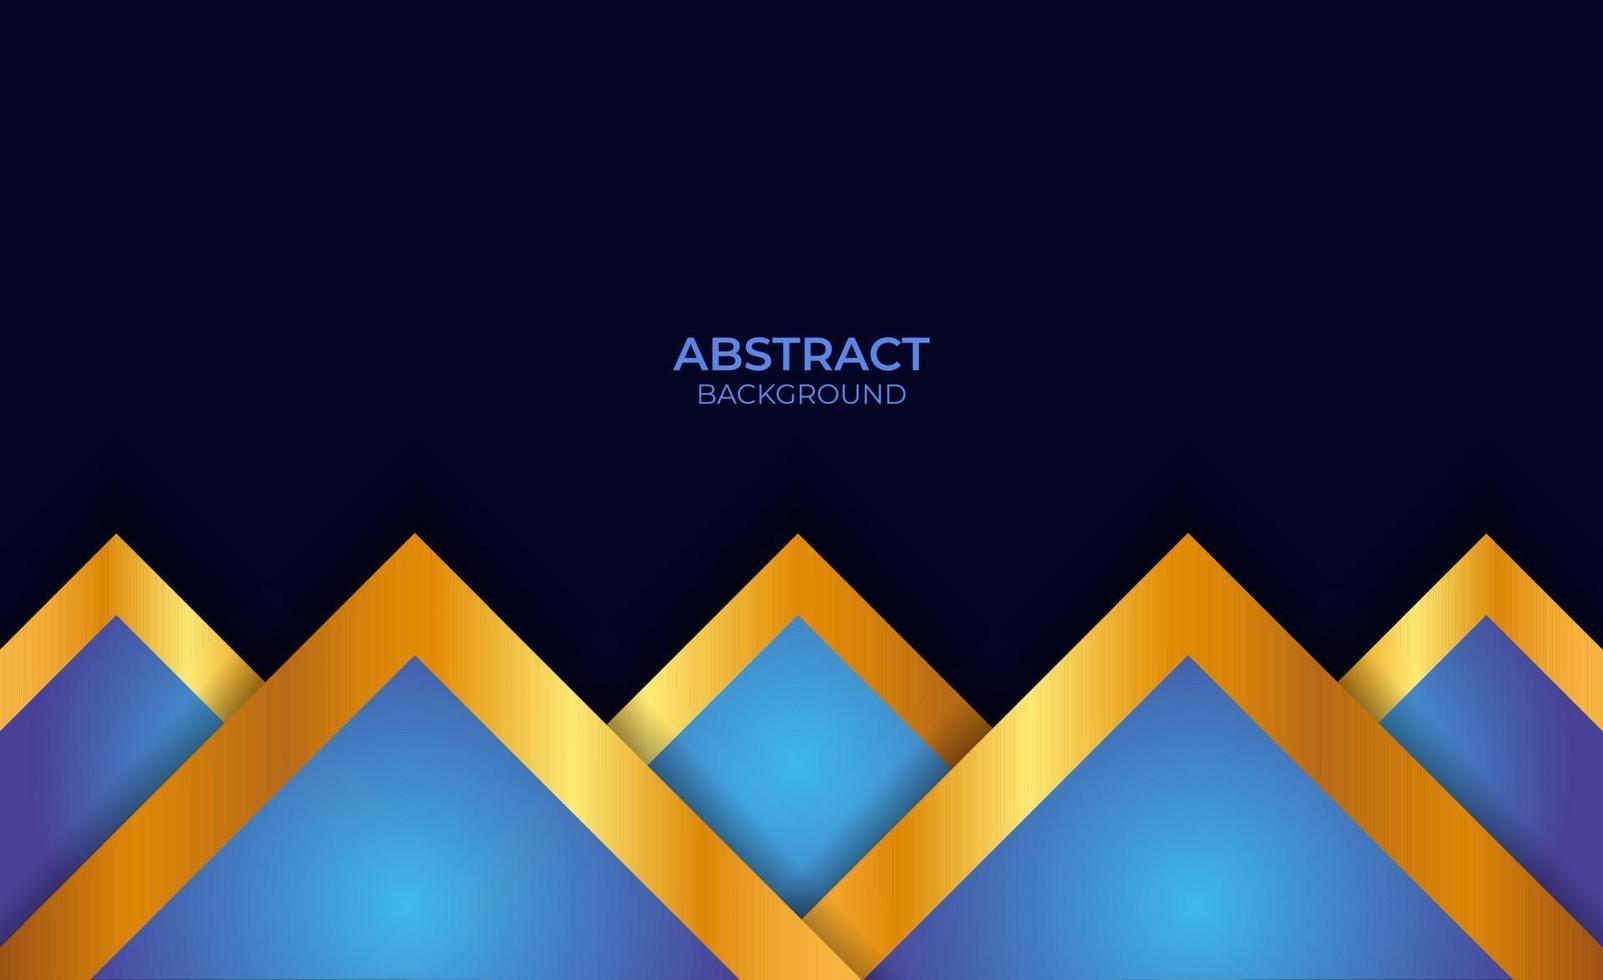 abstracte blauwe en gouden presentatieachtergrond vector